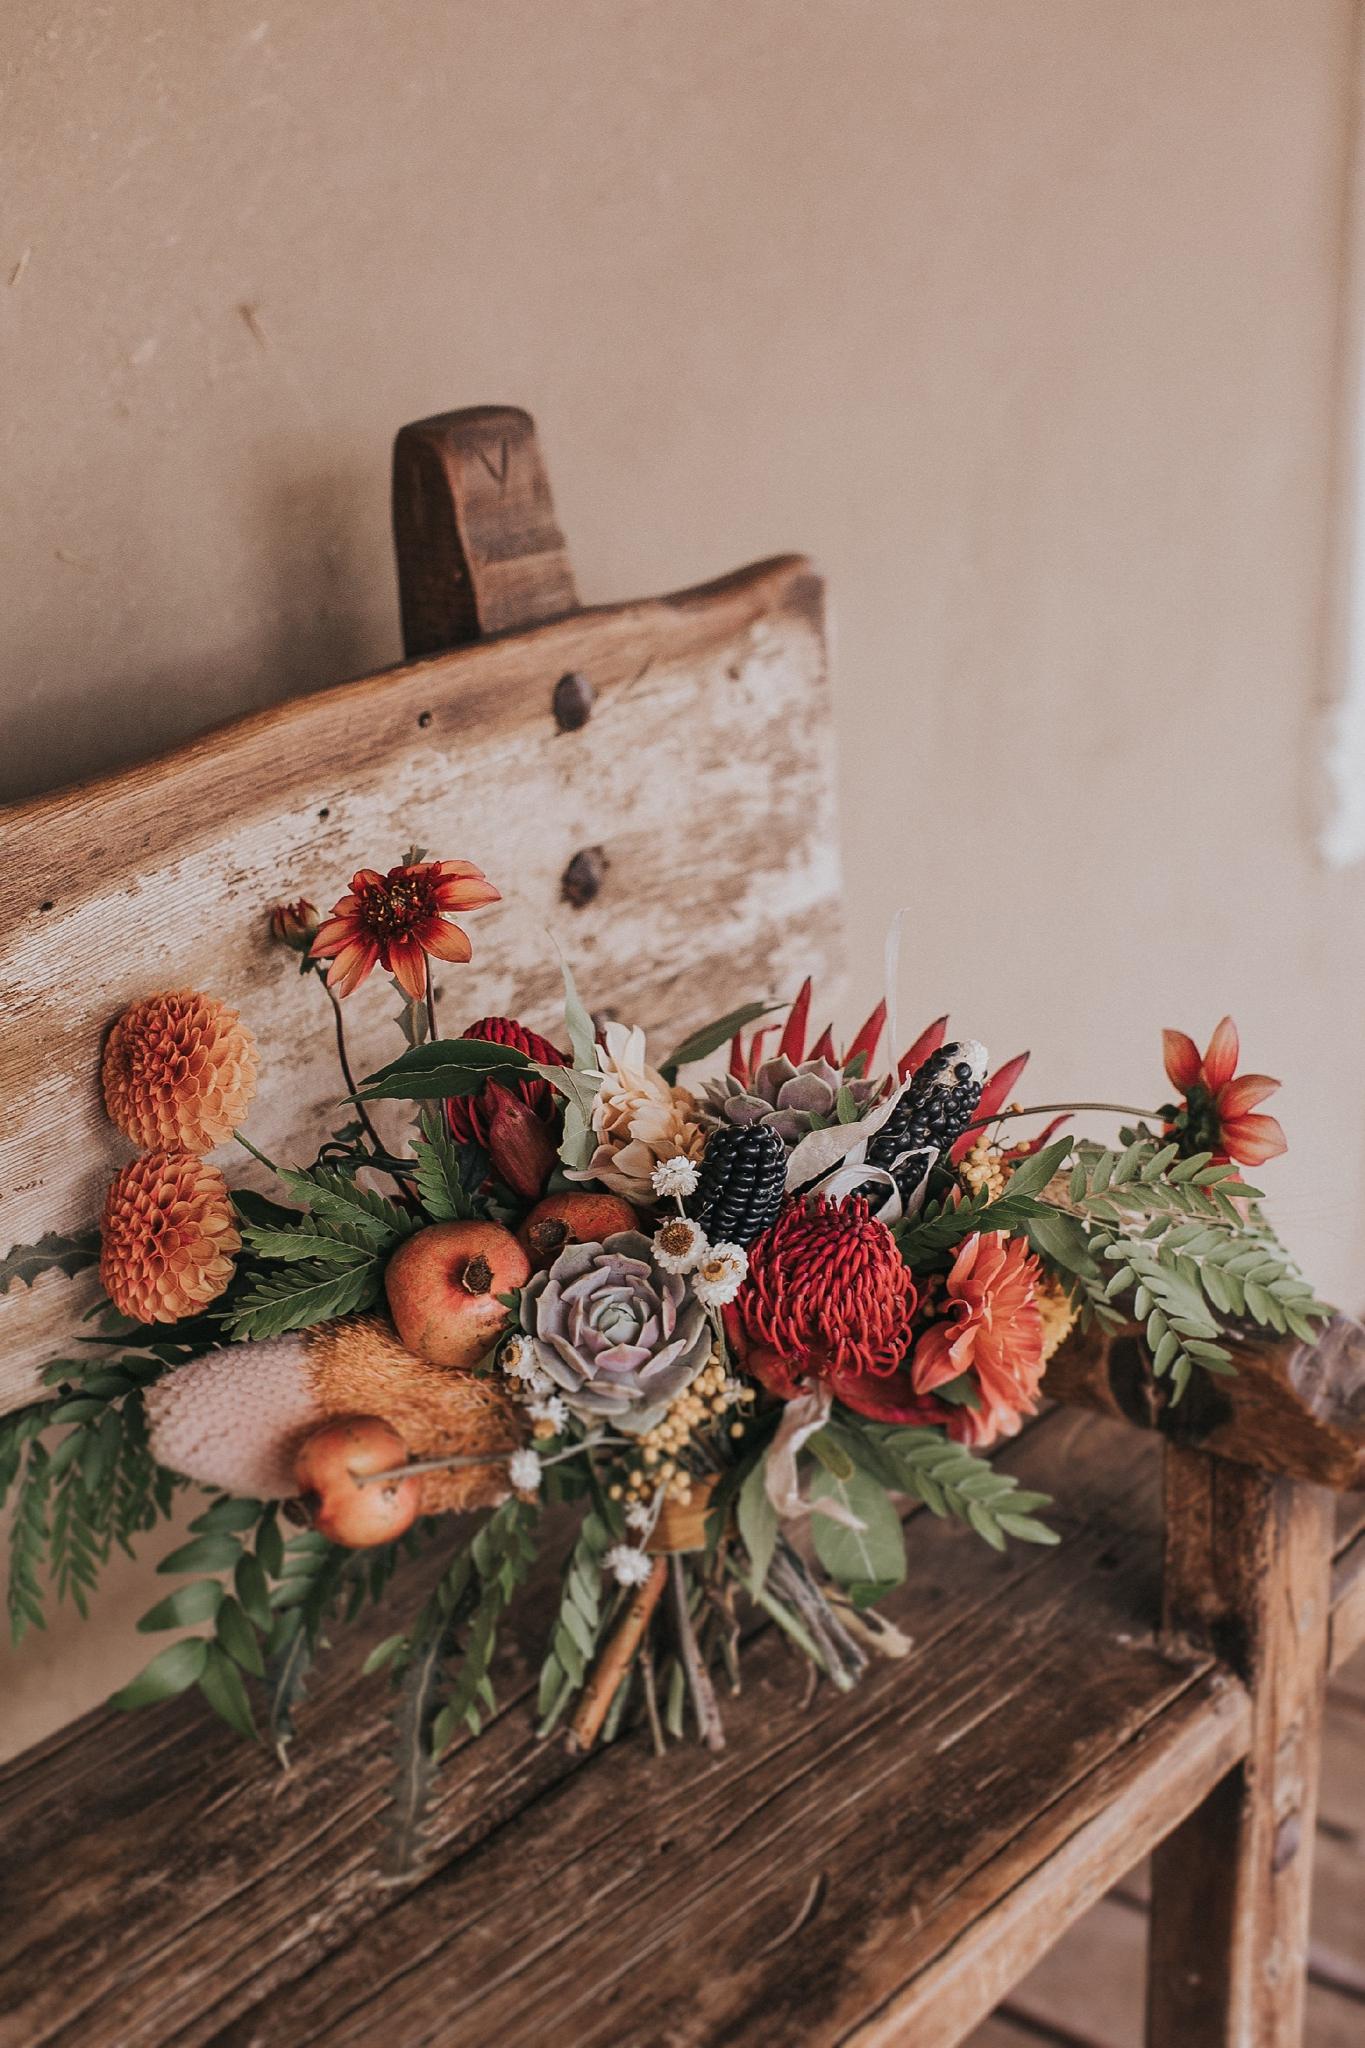 Alicia+lucia+photography+-+albuquerque+wedding+photographer+-+santa+fe+wedding+photography+-+new+mexico+wedding+photographer+-+new+mexico+wedding+-+new+mexico+florist+-+floriography+flowers+-+floriography+flowers+new+mexico+-+wedding+florist_0093.jpg